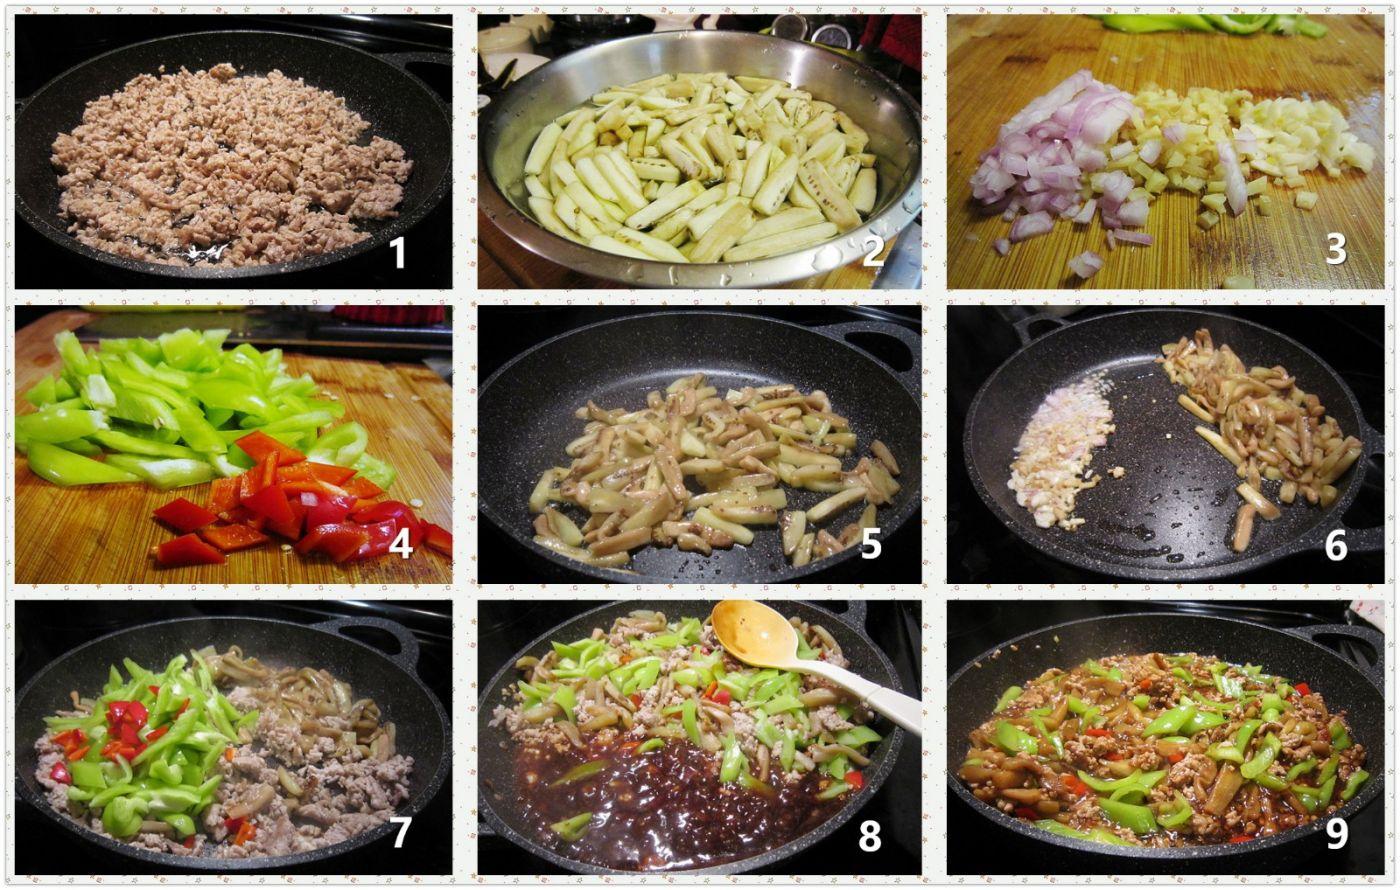 肉末茄子菜椒_图1-2